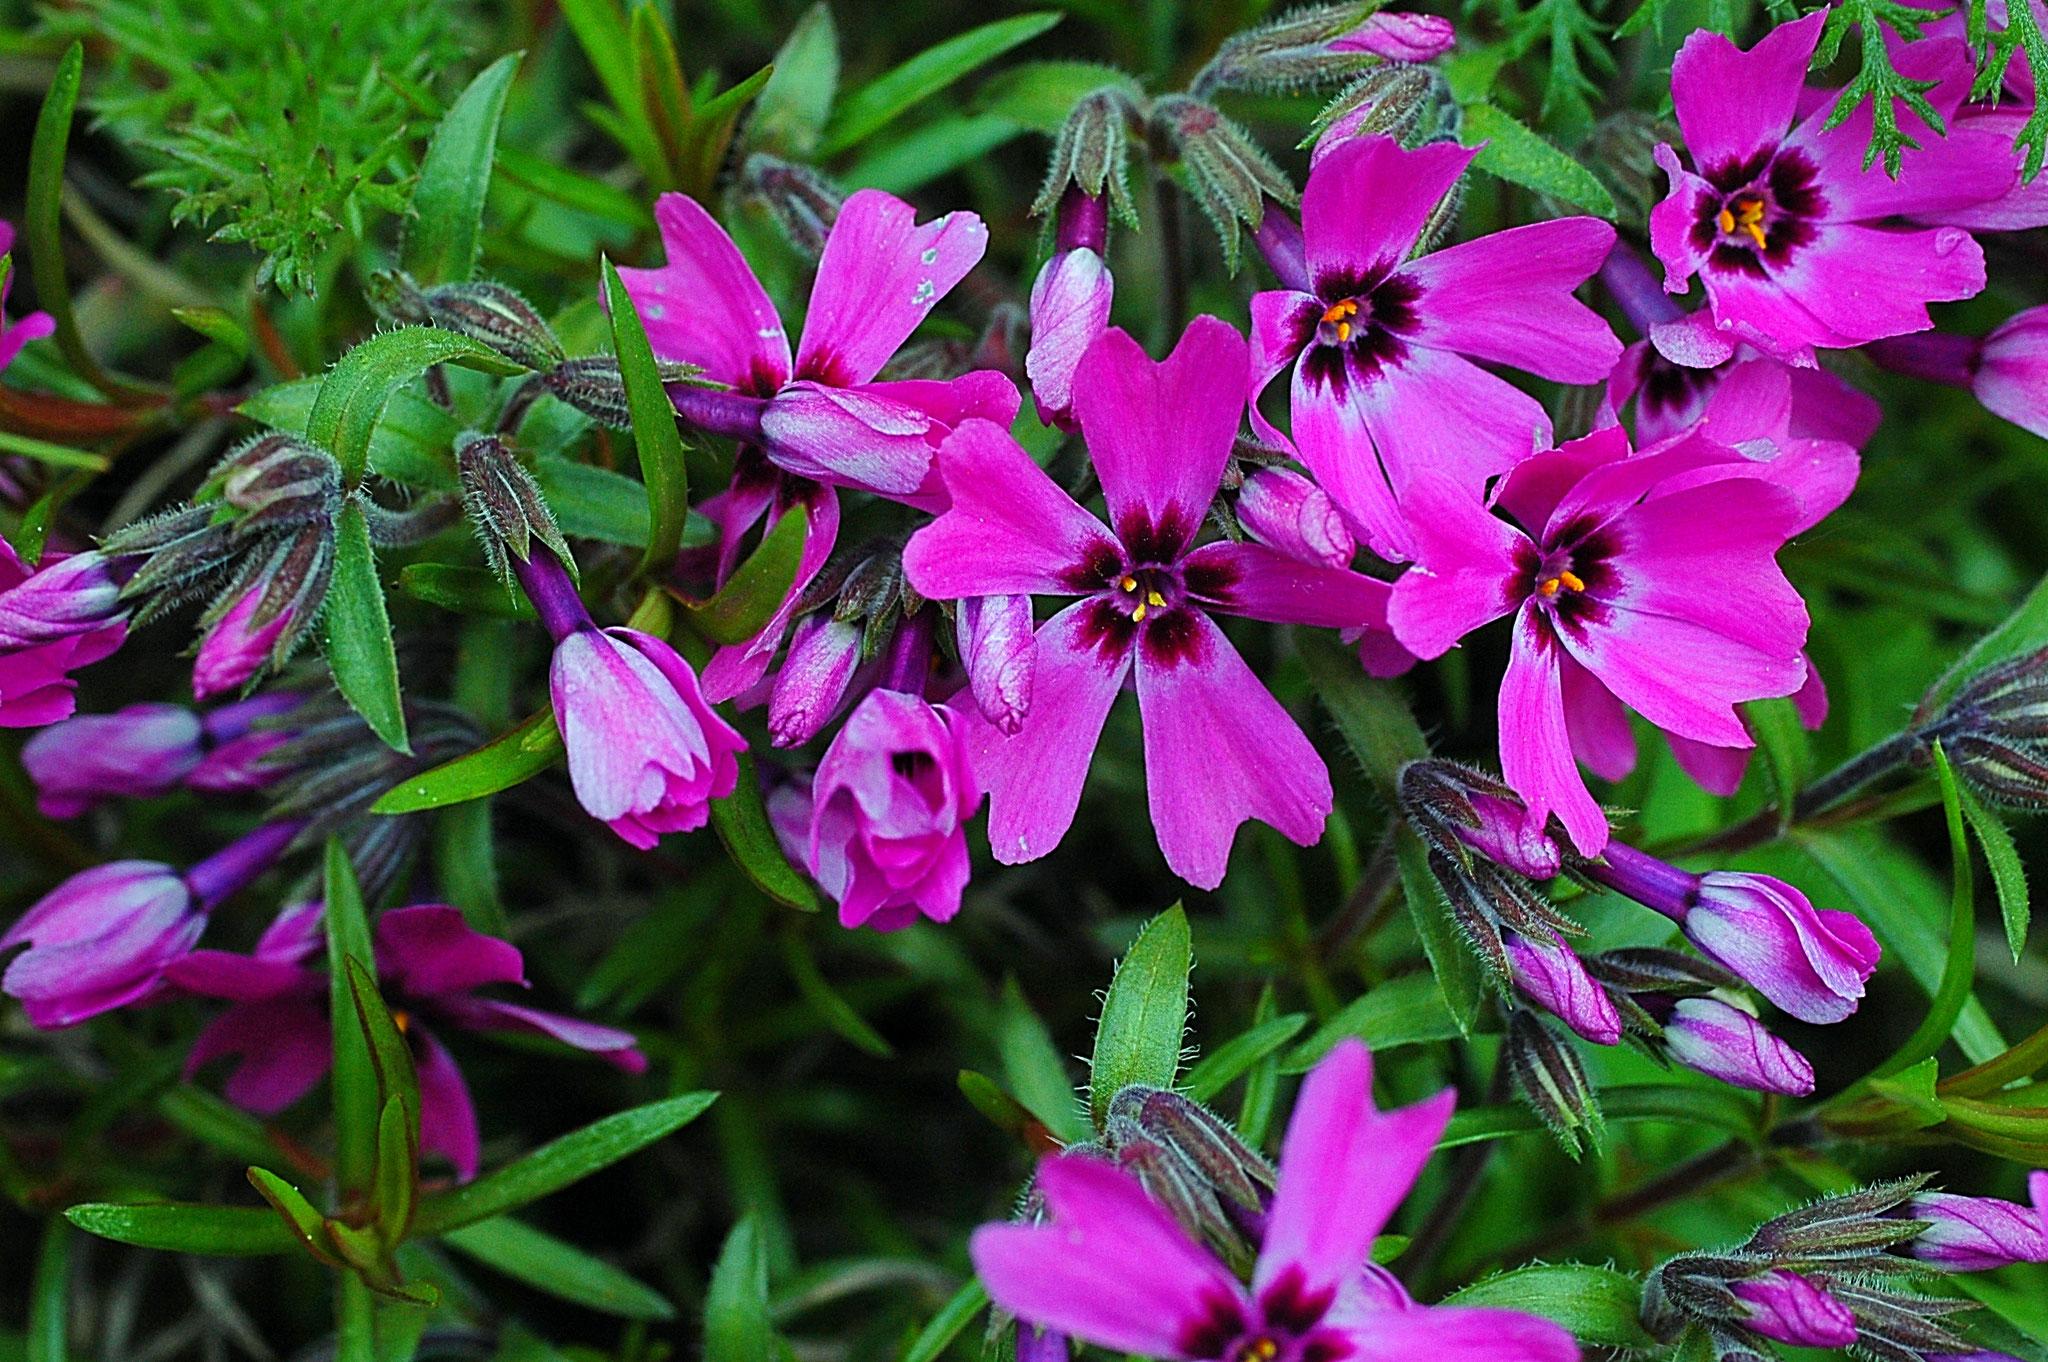 der Phlox zeigt einen satten, pinken Farbton - Foto: Britta Raabe